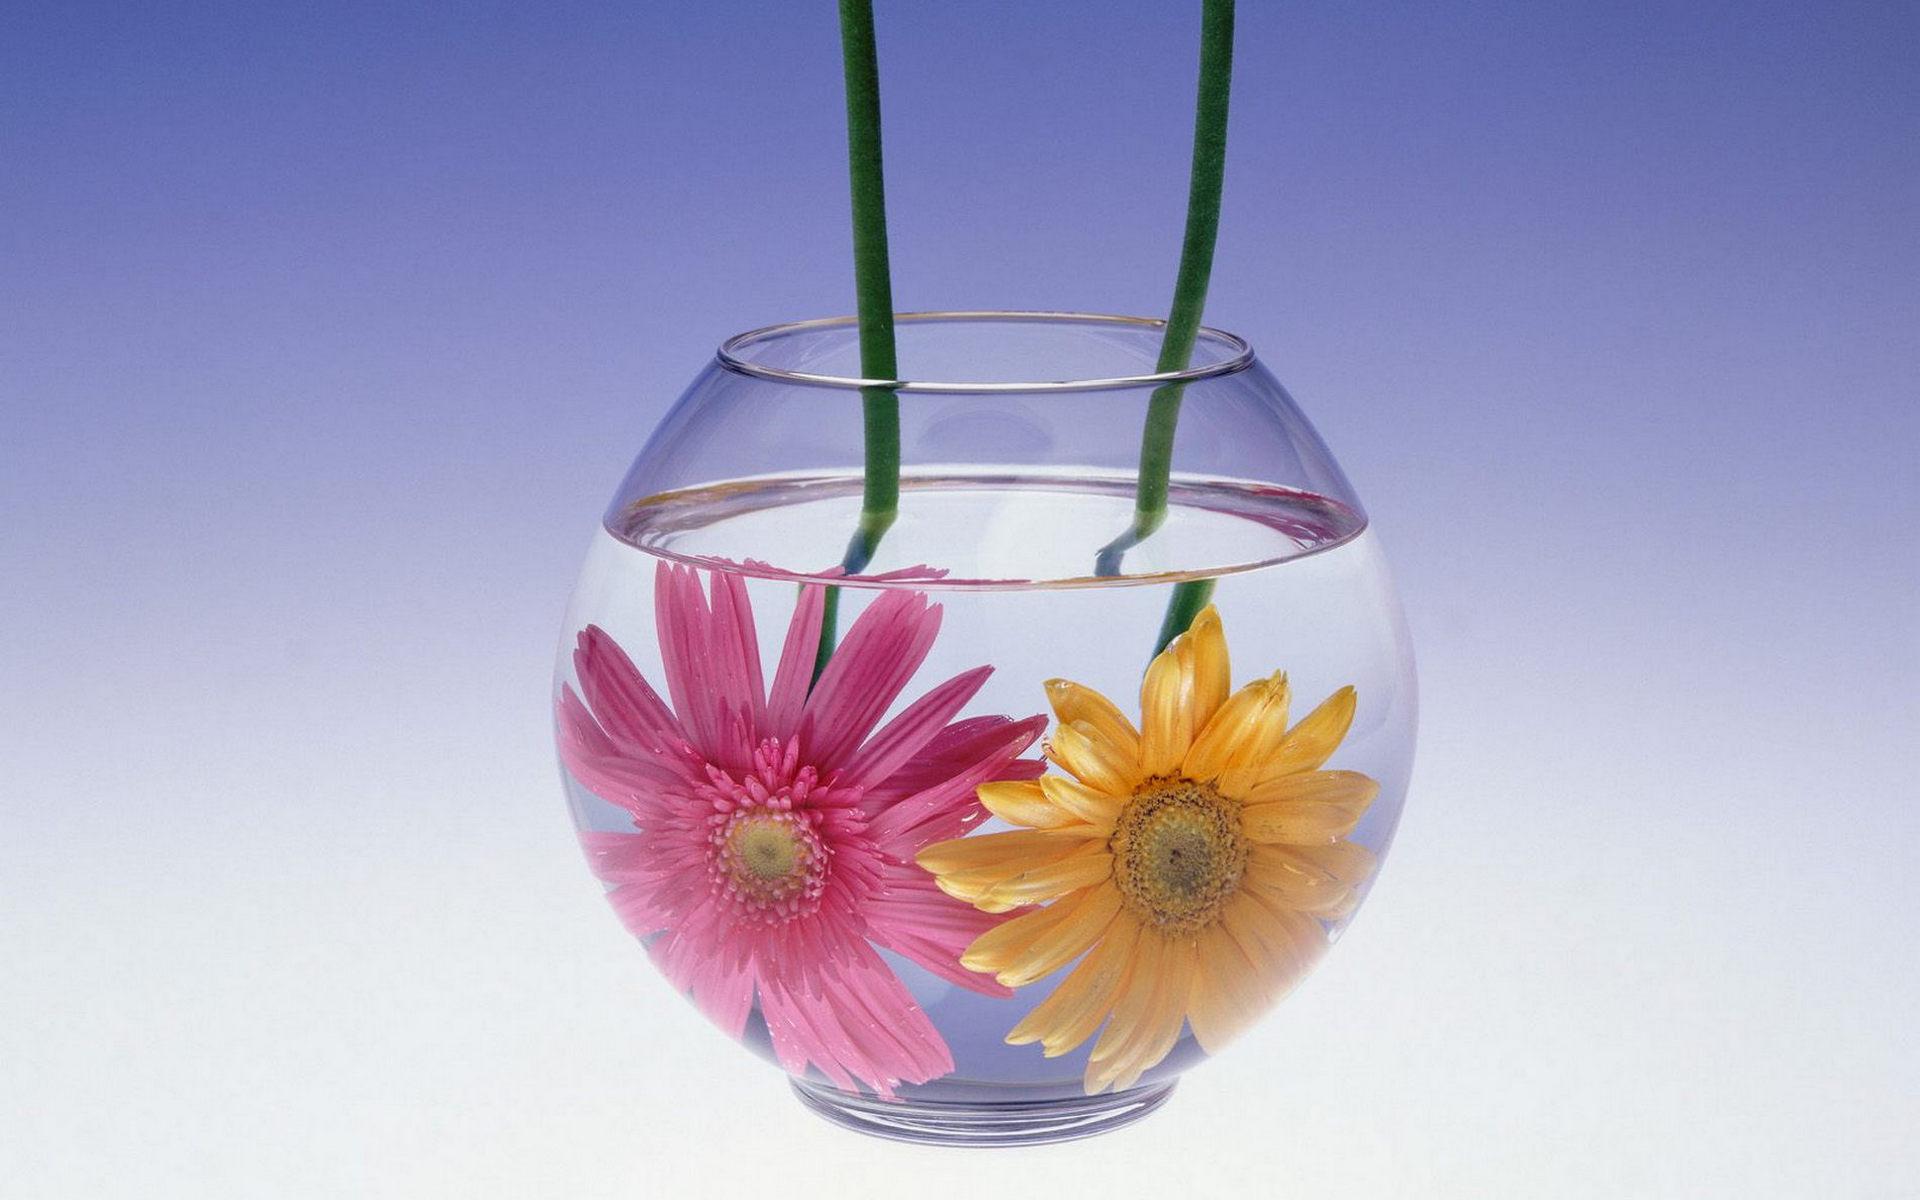 Обои для рабочего стола круглая ваза